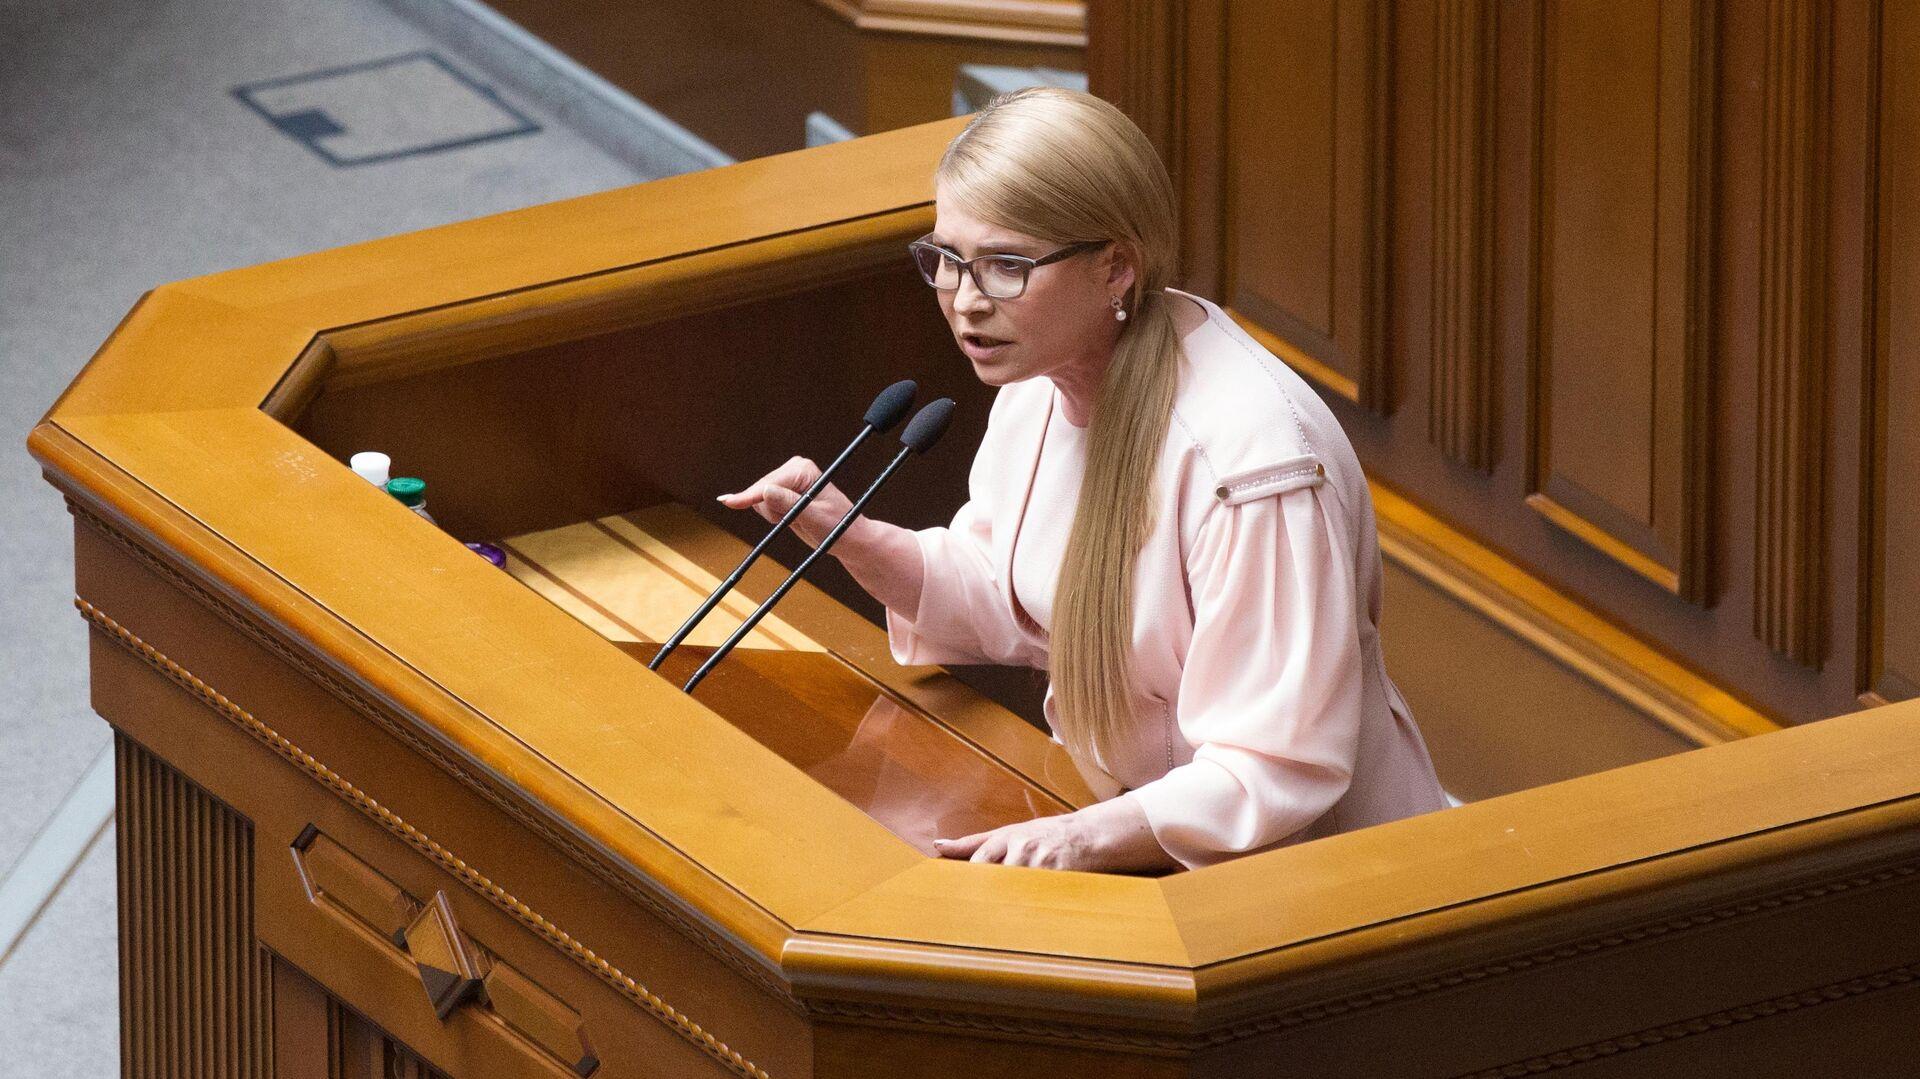 Лидер партии Батькивщина Юлия Тимошенко выступает на заседании Верховной рады Украины. 22 мая 2019 - РИА Новости, 1920, 04.10.2021